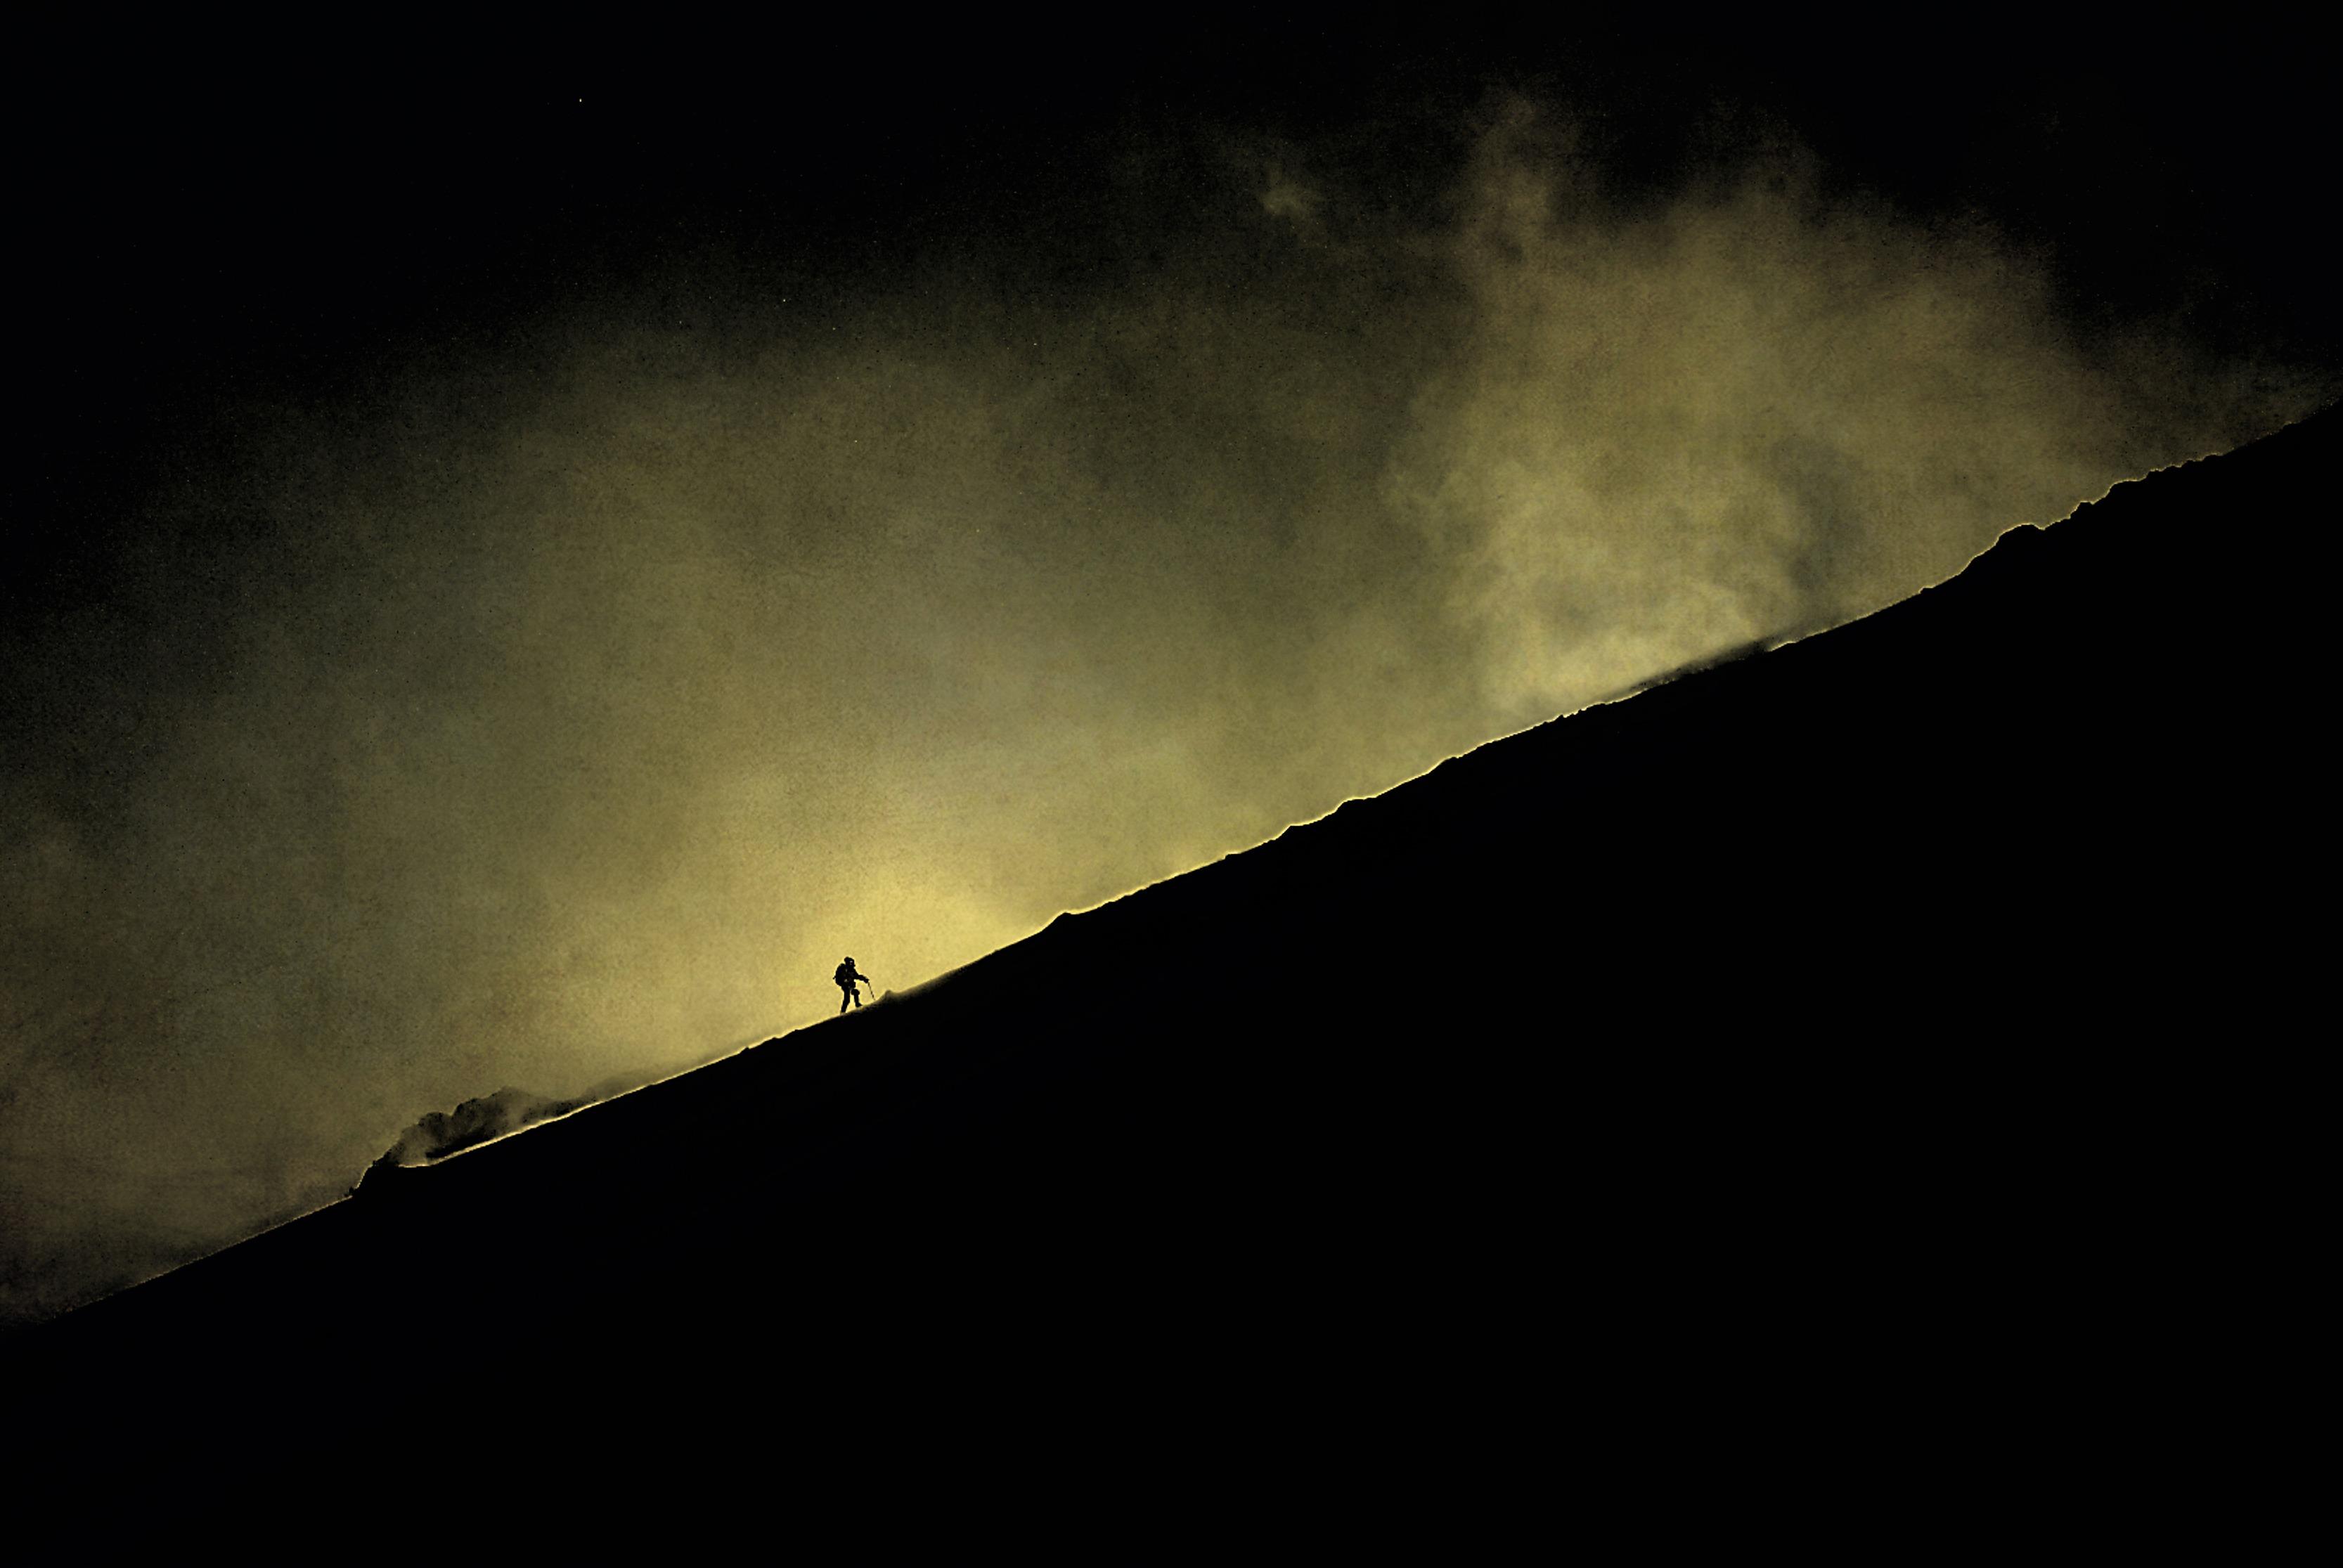 Kostenlose foto : Gehen, Schnee, Winter, Licht, Wolke, Himmel ...